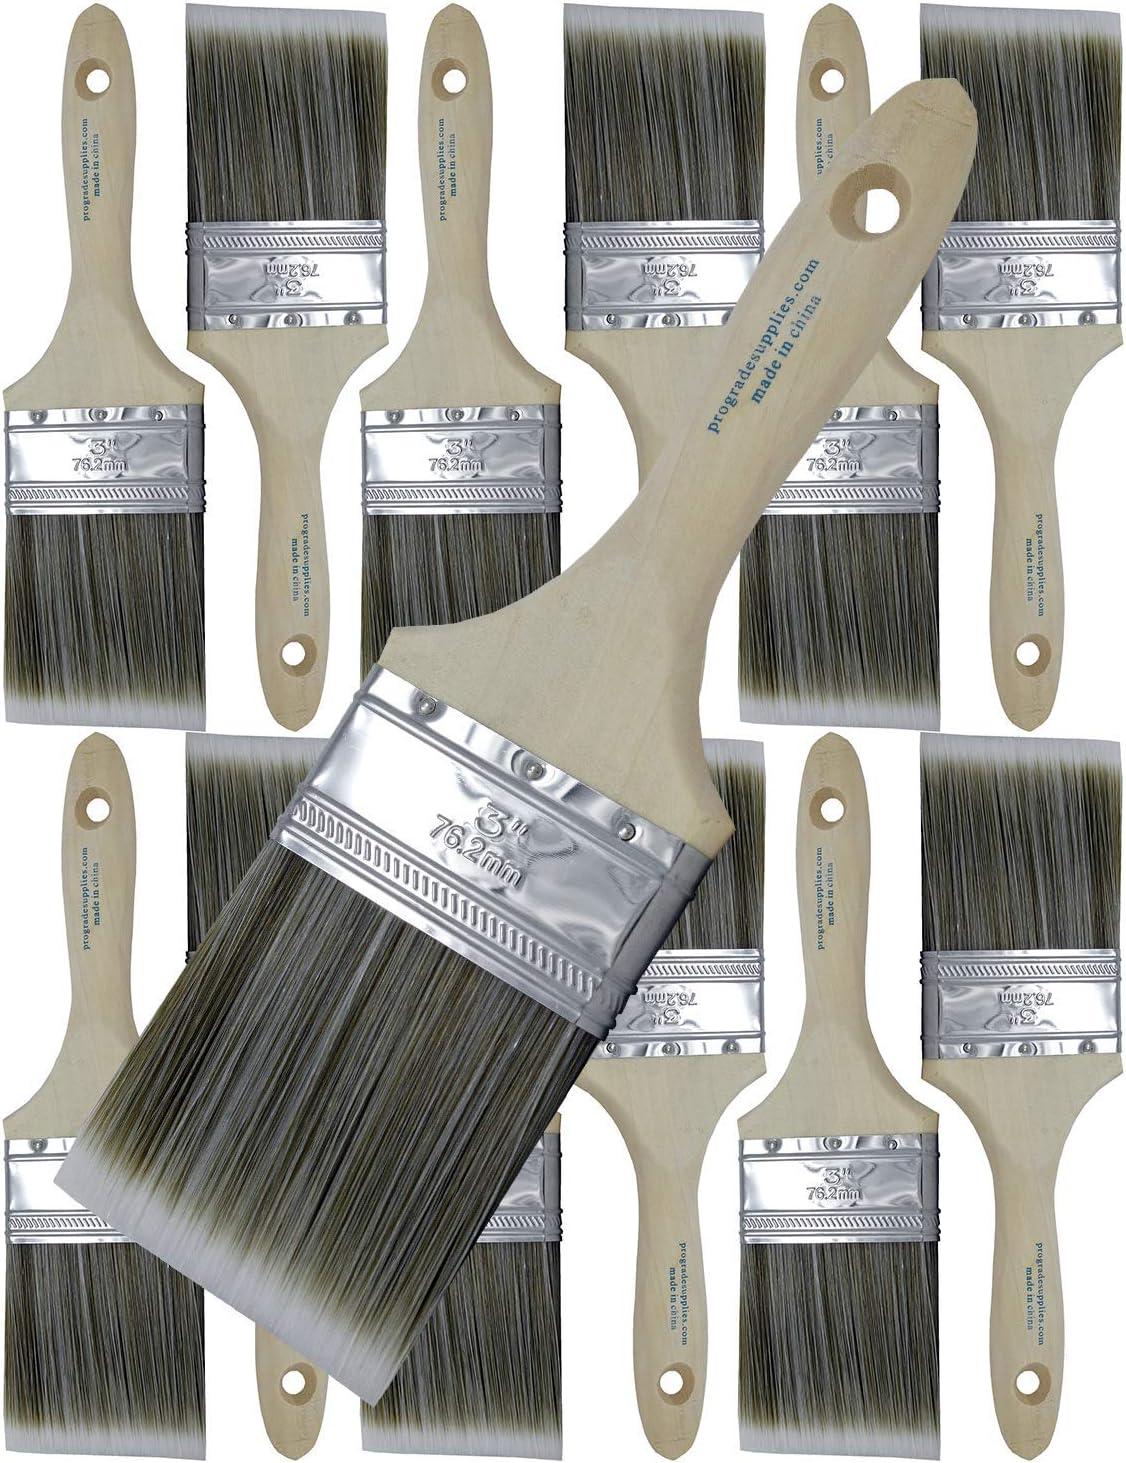 Pro Grade - Paint Brushes - 12 Ea 3 Inch Flat Brushes